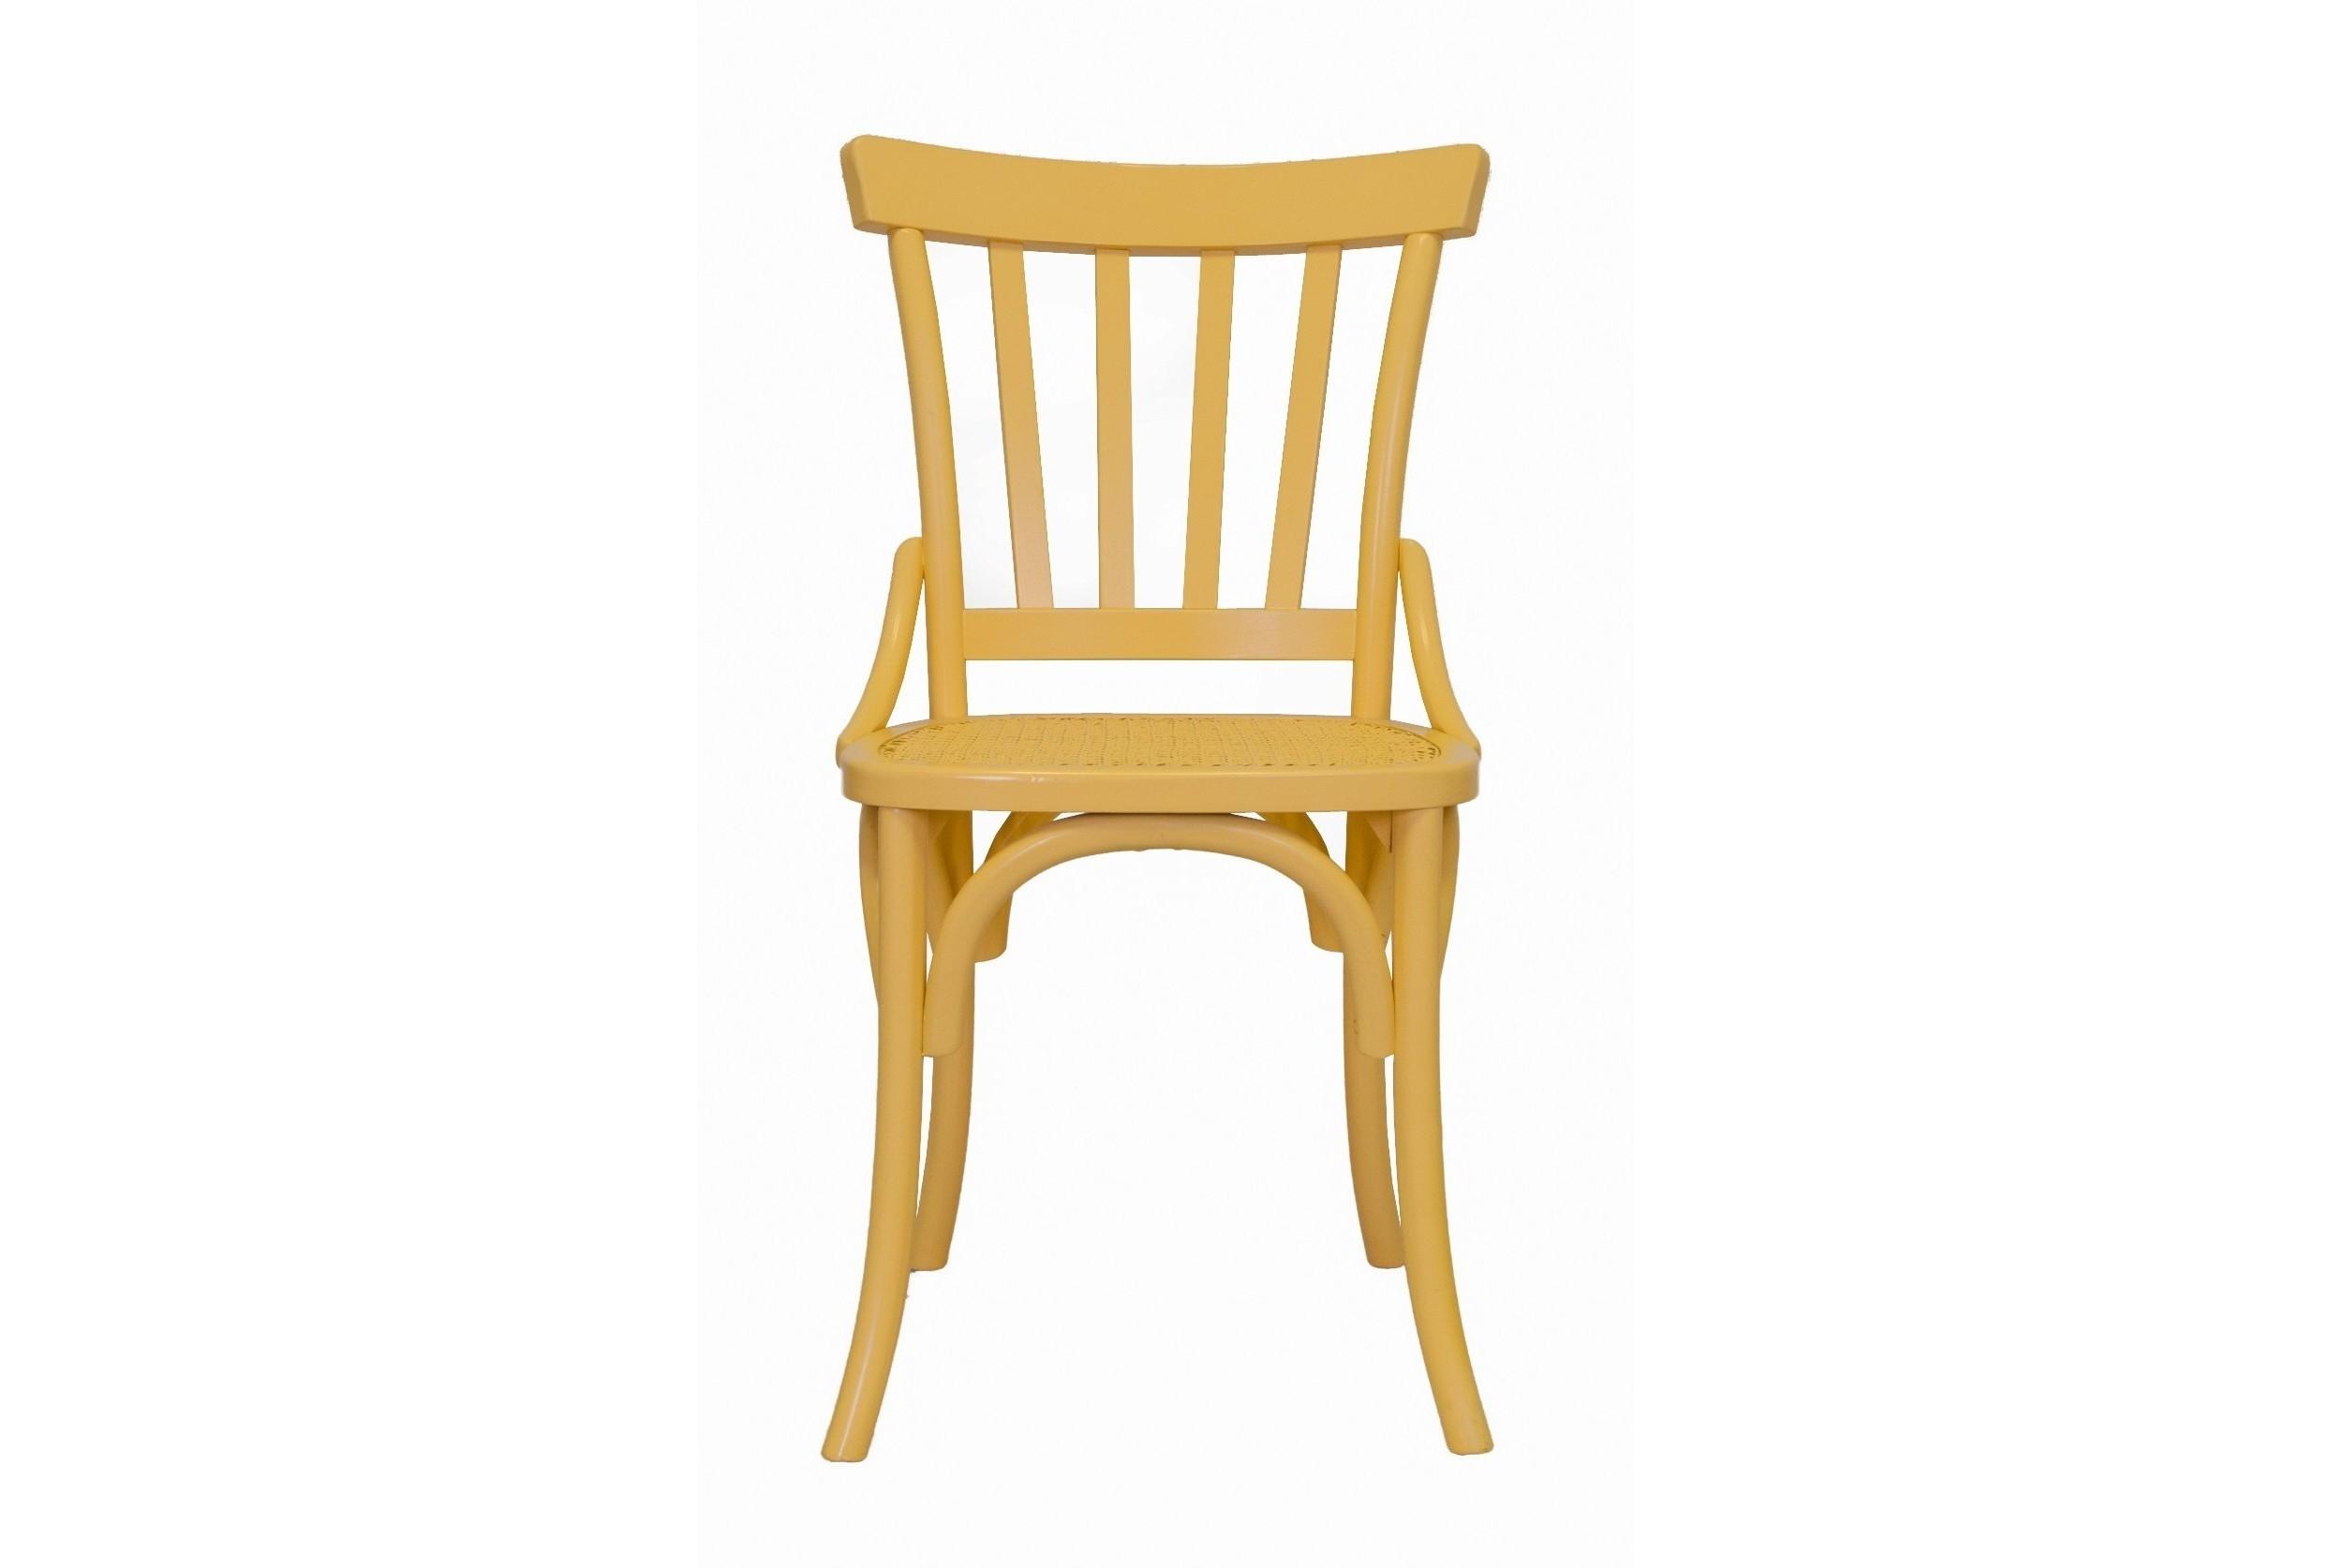 Стул Jax yellowОбеденные стулья<br>Такой яркий деревянный стул будет актуален для современного интерьера или стиля лофт. Он отлично подойдёт для дома, лоджии, сада, а также для кафе и баров. &amp;amp;nbsp;&amp;amp;nbsp;<br><br>Material: Береза<br>Ширина см: 51<br>Высота см: 88<br>Глубина см: 53